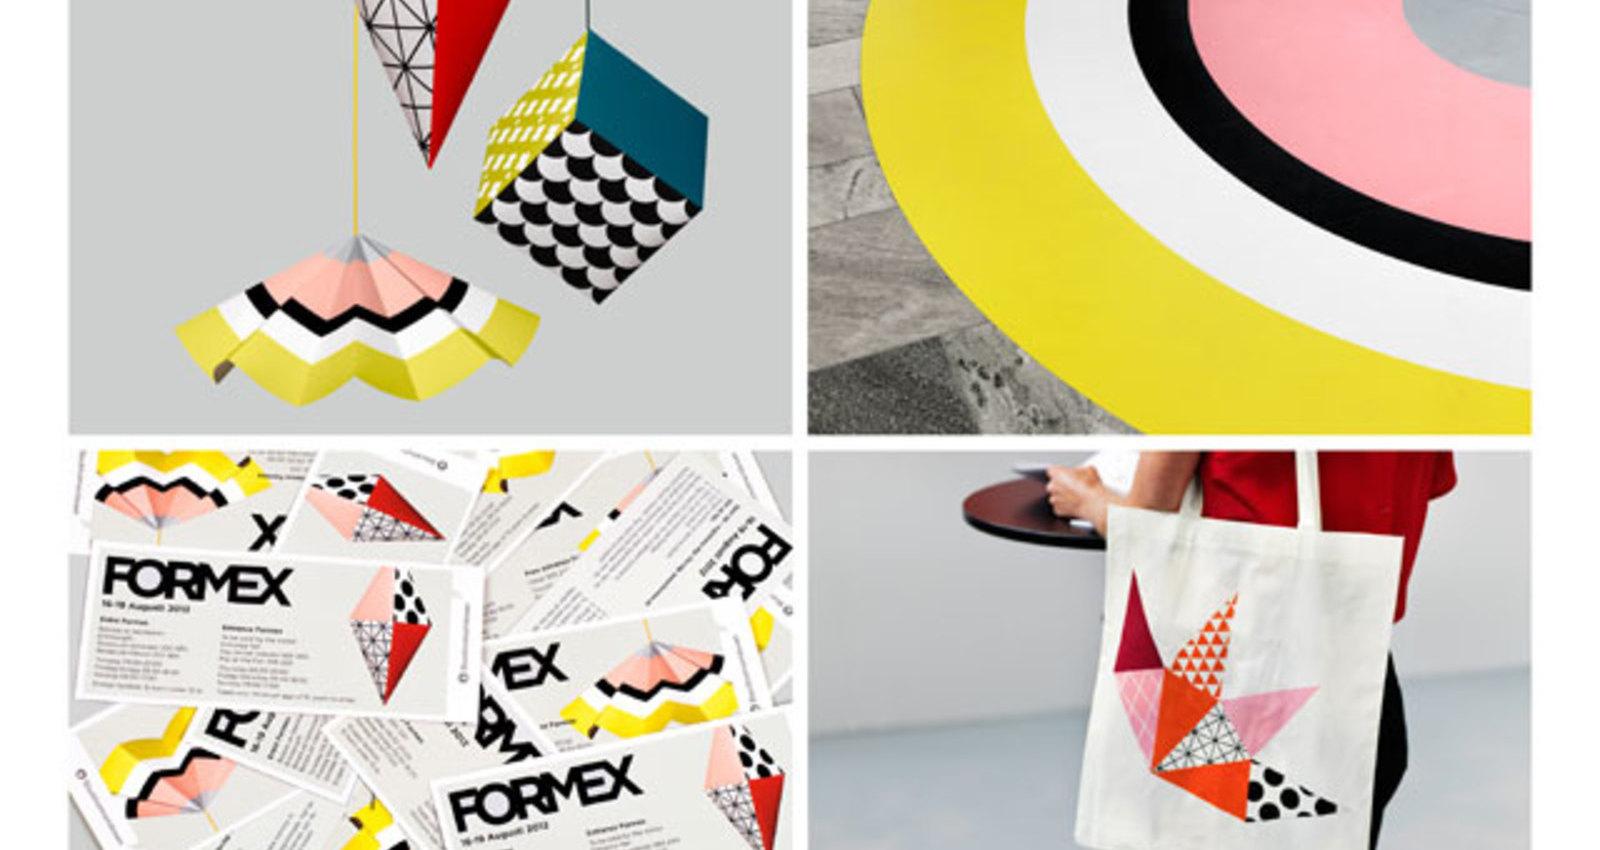 Formex, Nordic Charm